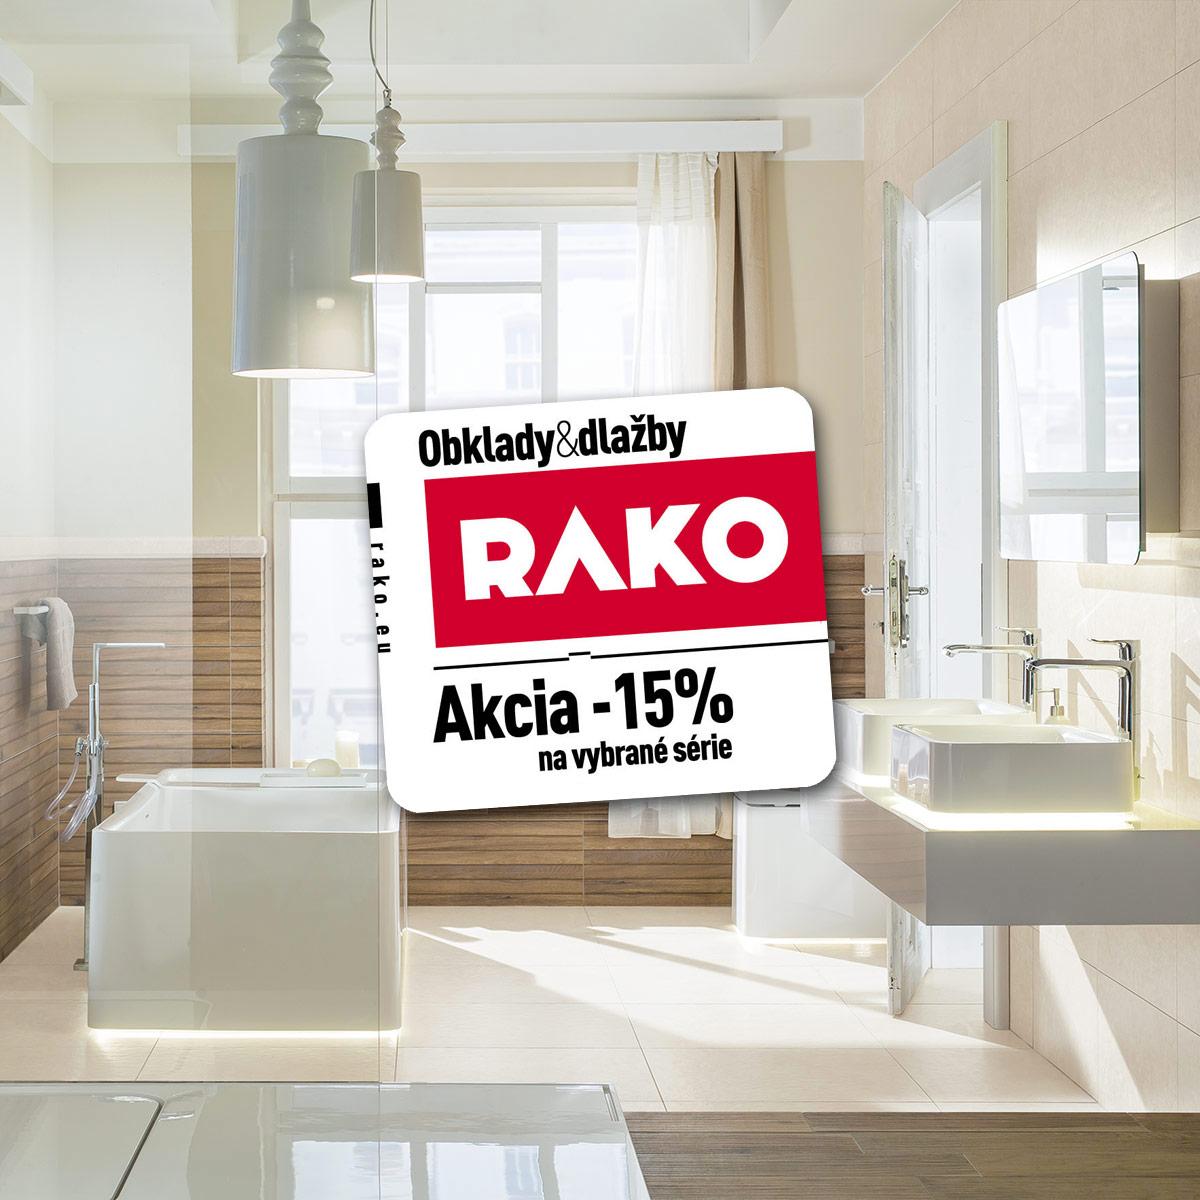 Vybrané série Rako - zľava 15%